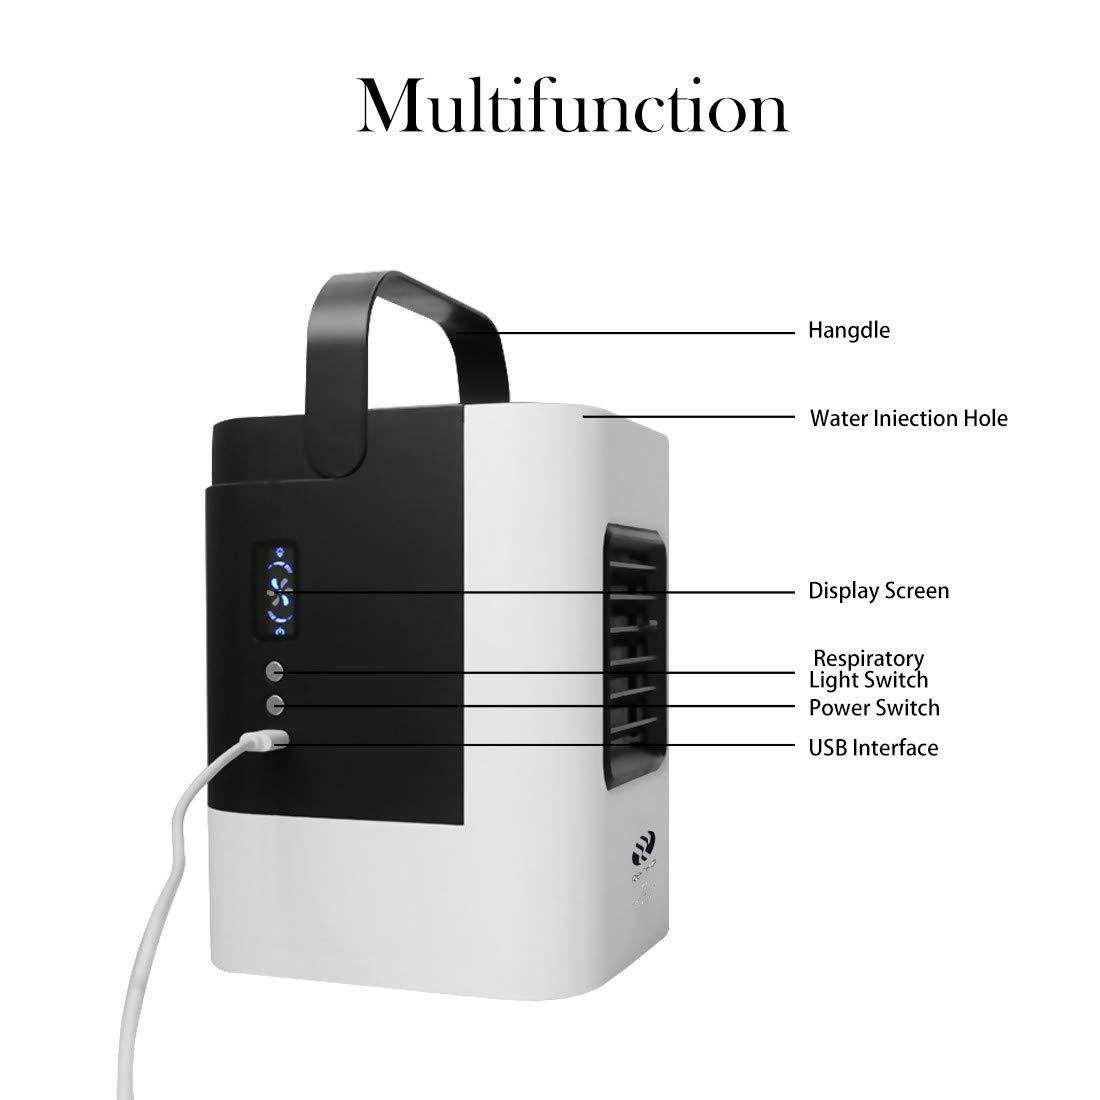 purificazione Mini condizionatore Portatile 3 in 1 Refrigerazione Multifunzione umidificazione Mini USB condizionatore Portatile Senza Tubo di Scarico Piccolo condizionatore Portatile Silenzioso